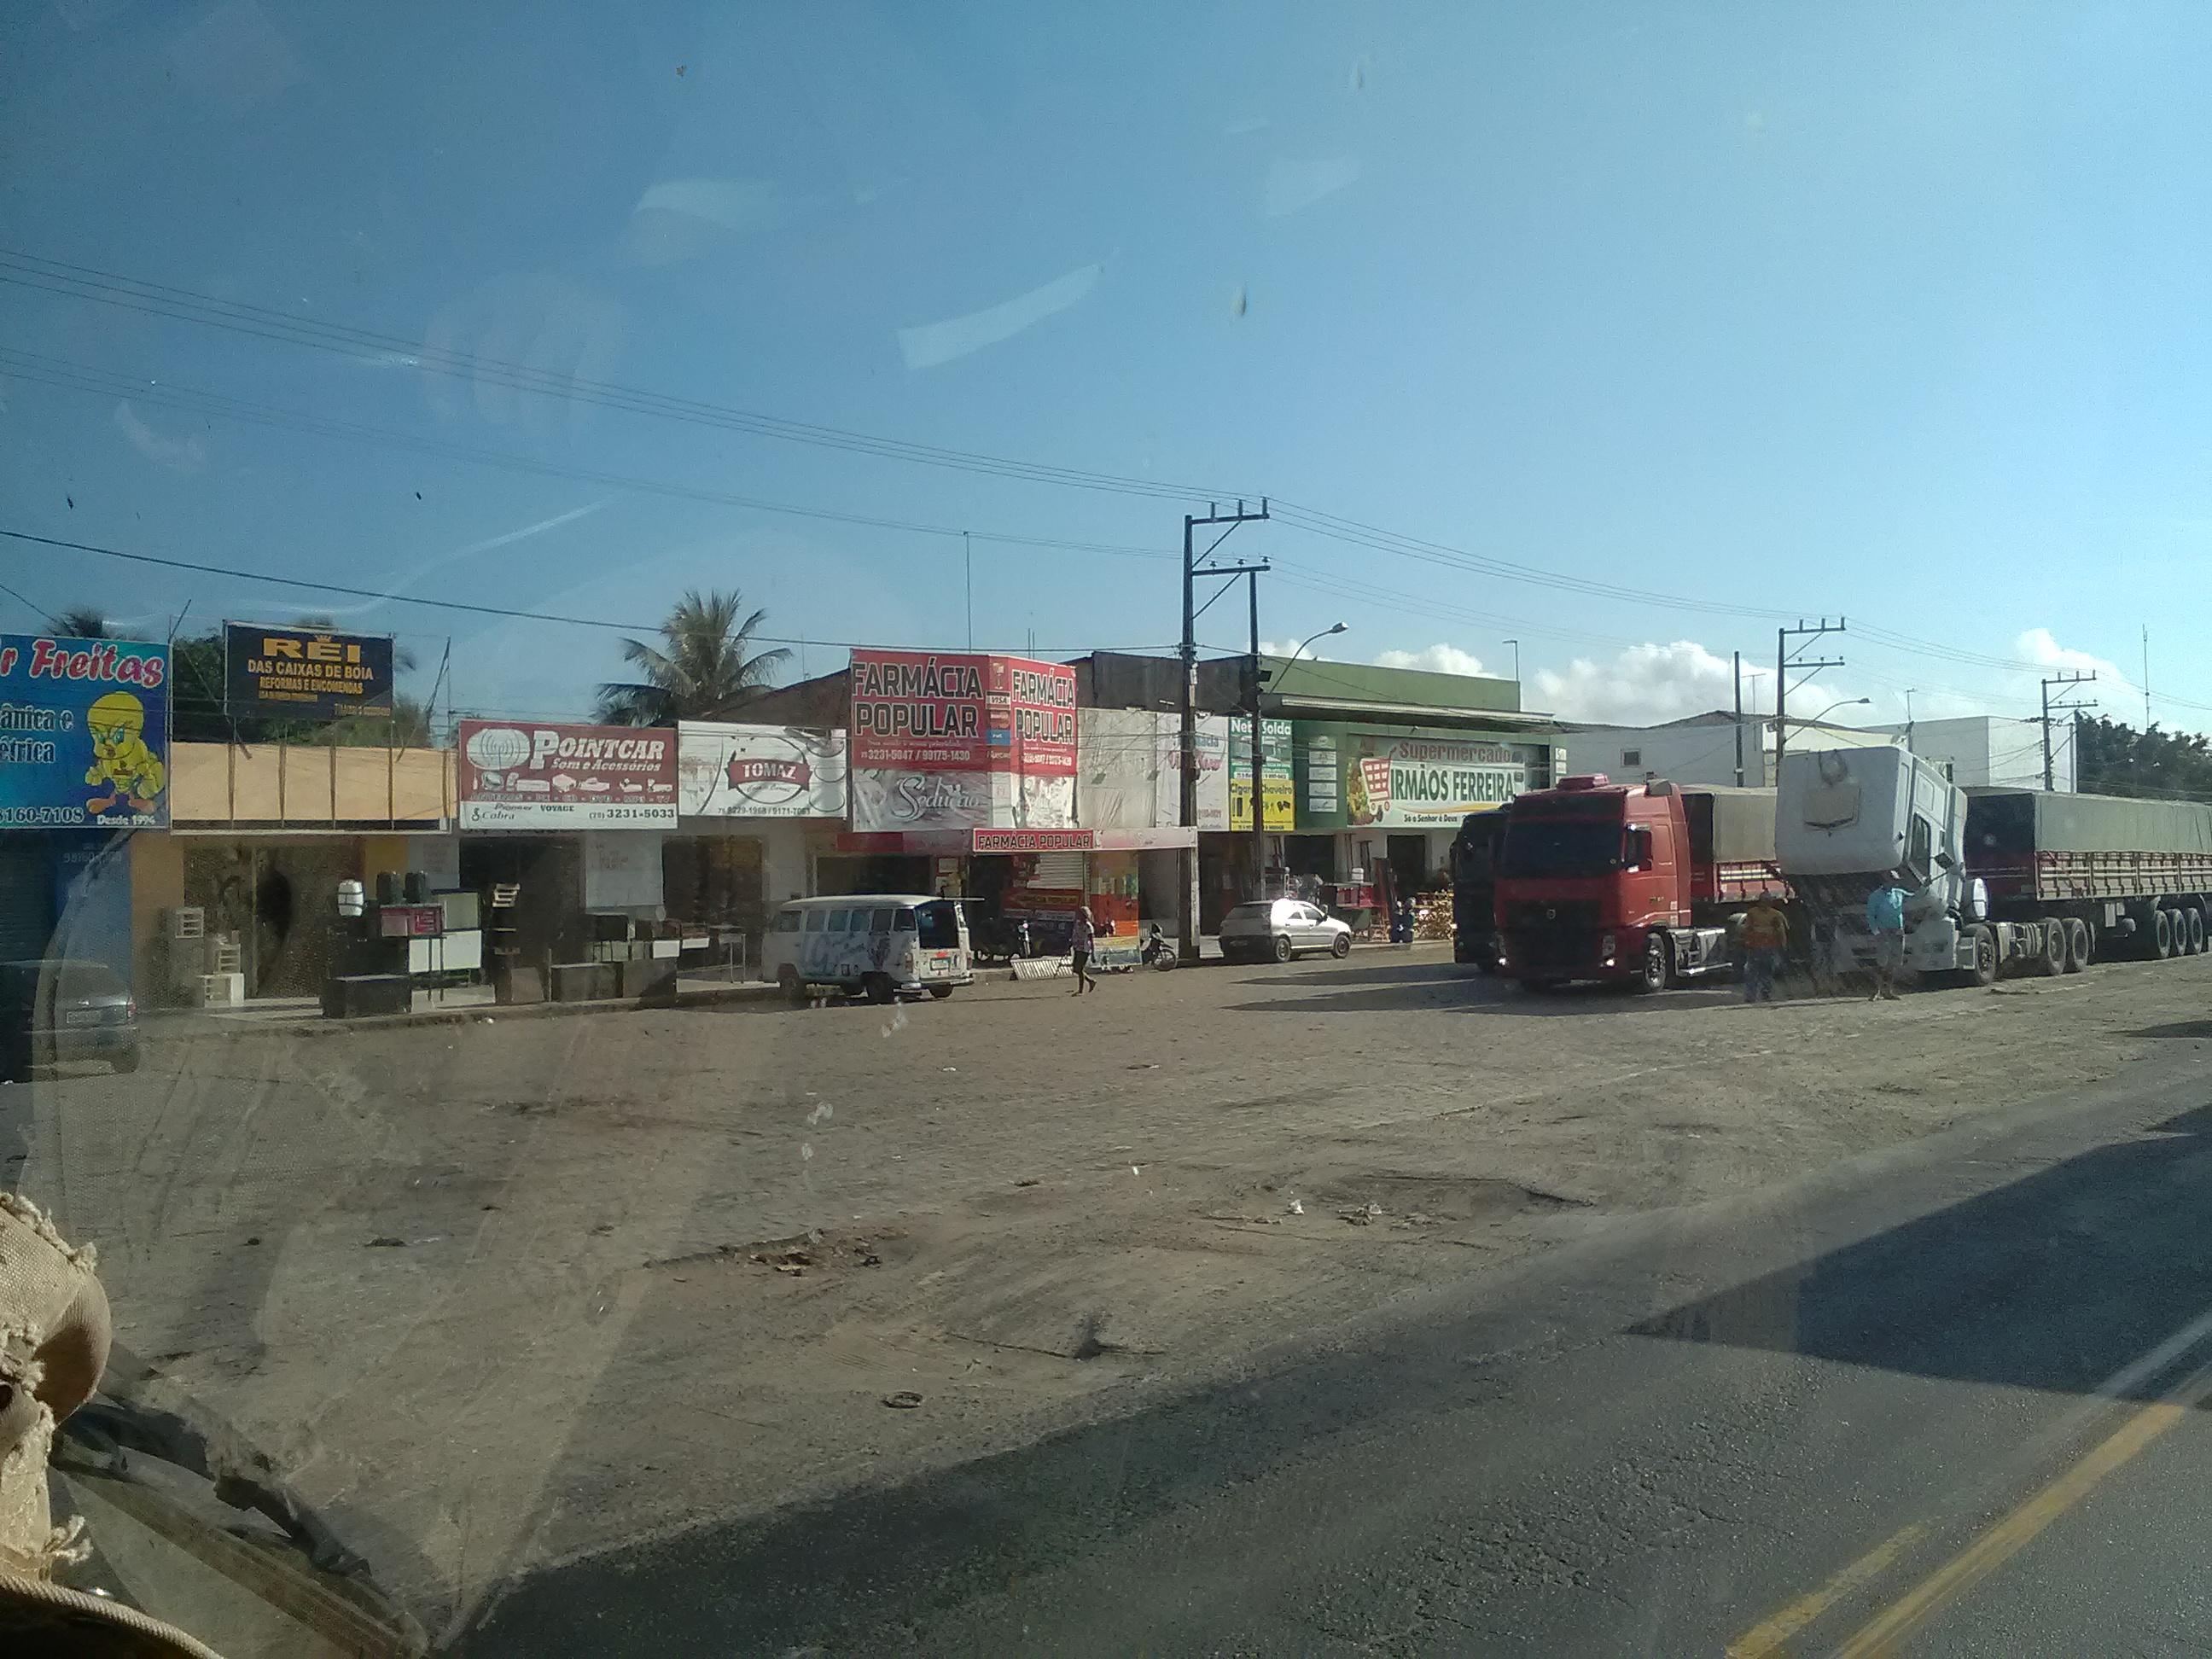 Tolweg-van-Santana-naar-Salvador.-1